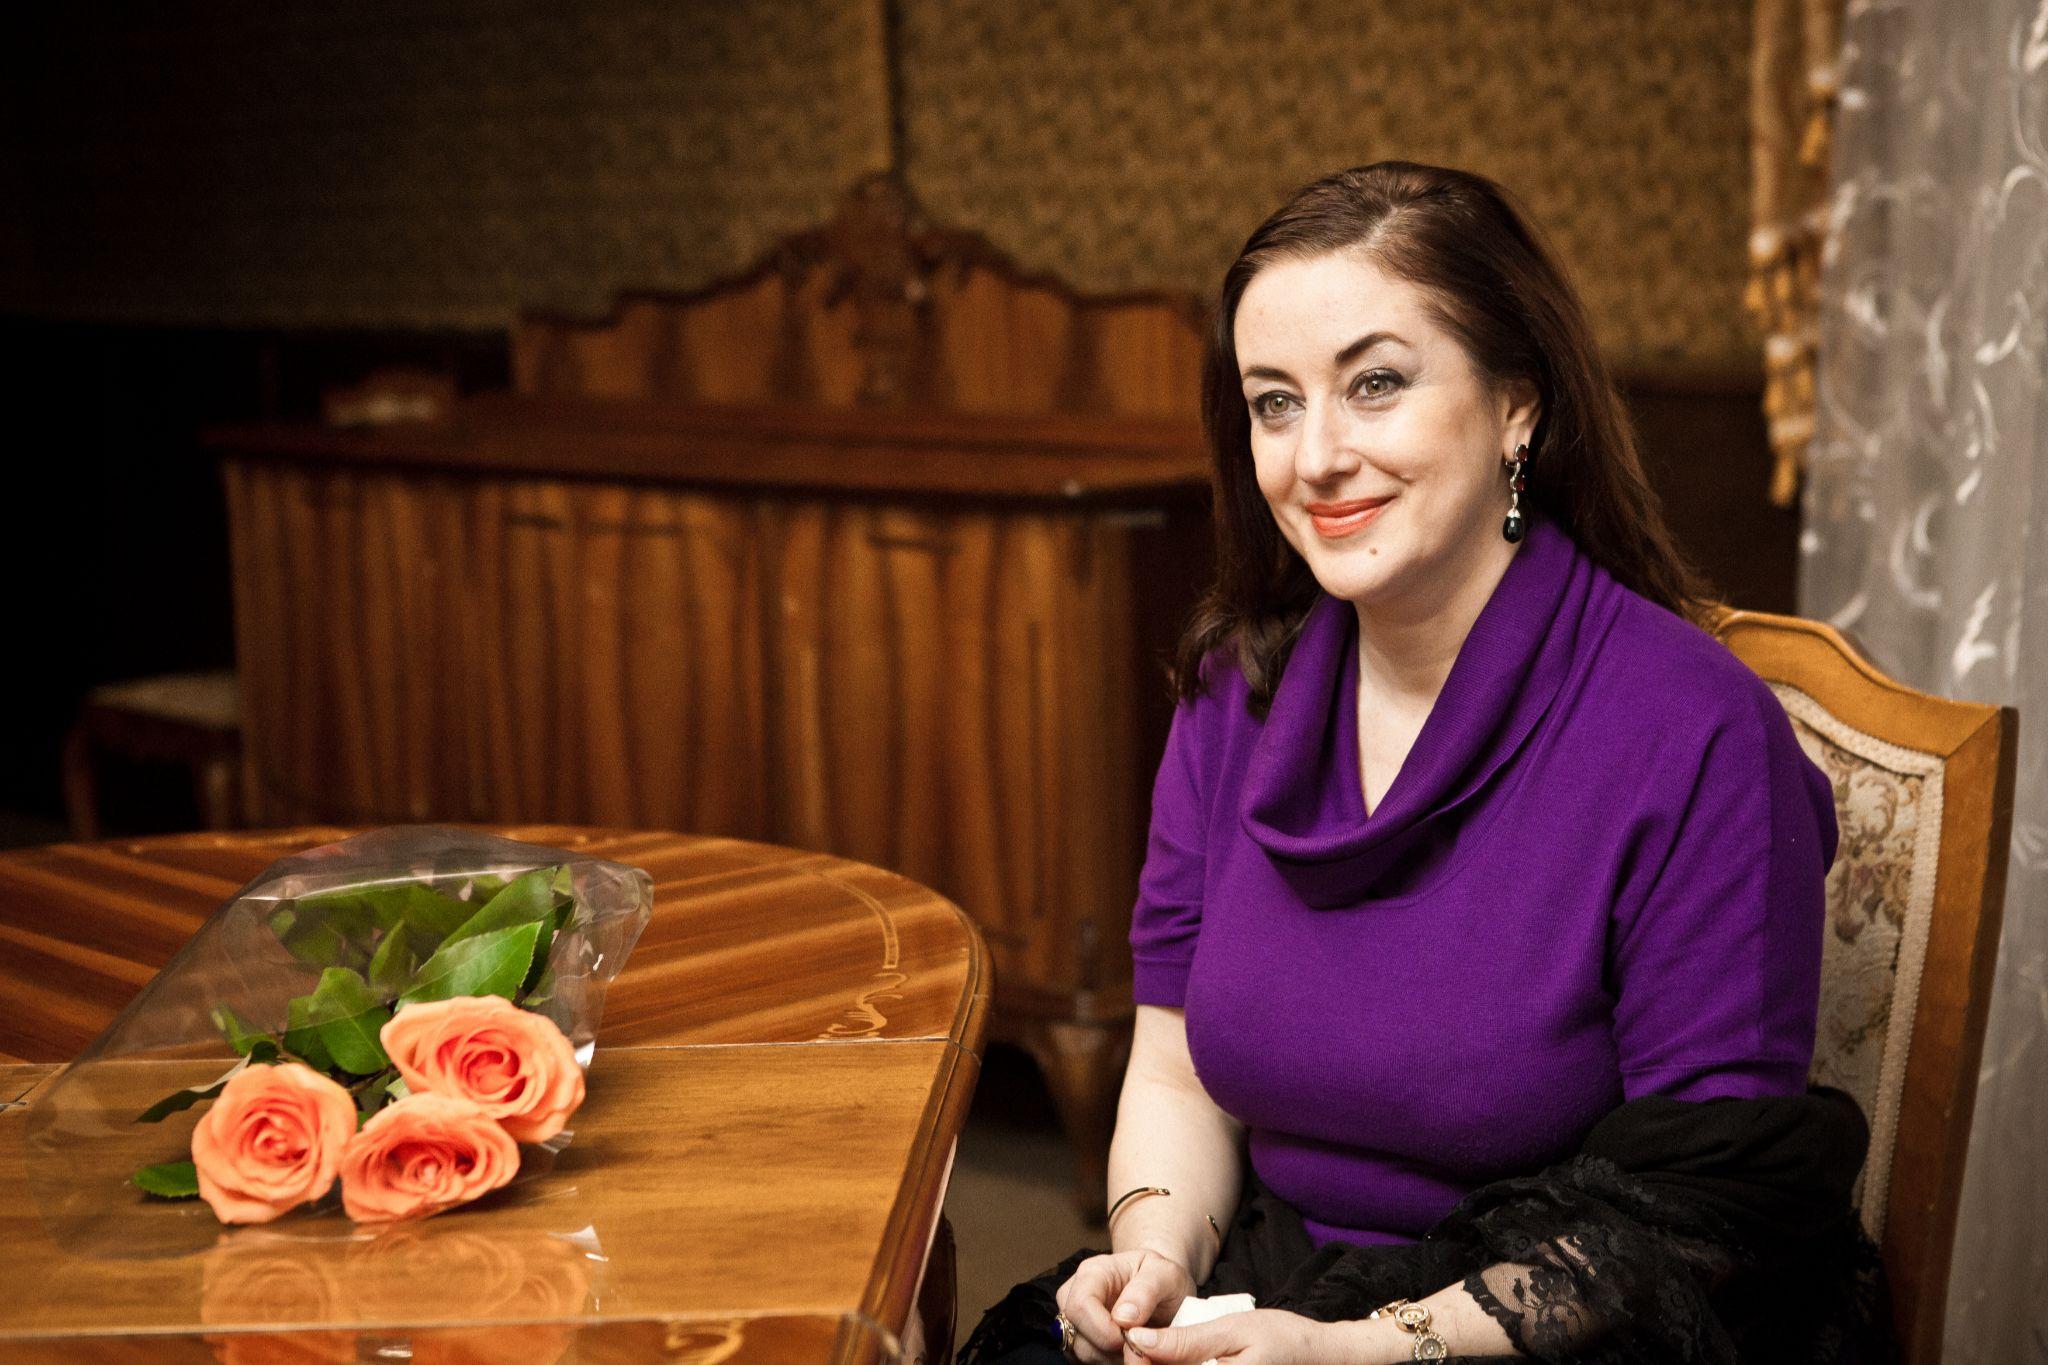 Тамара Гвердцители удивила поклонников своим внешним видом